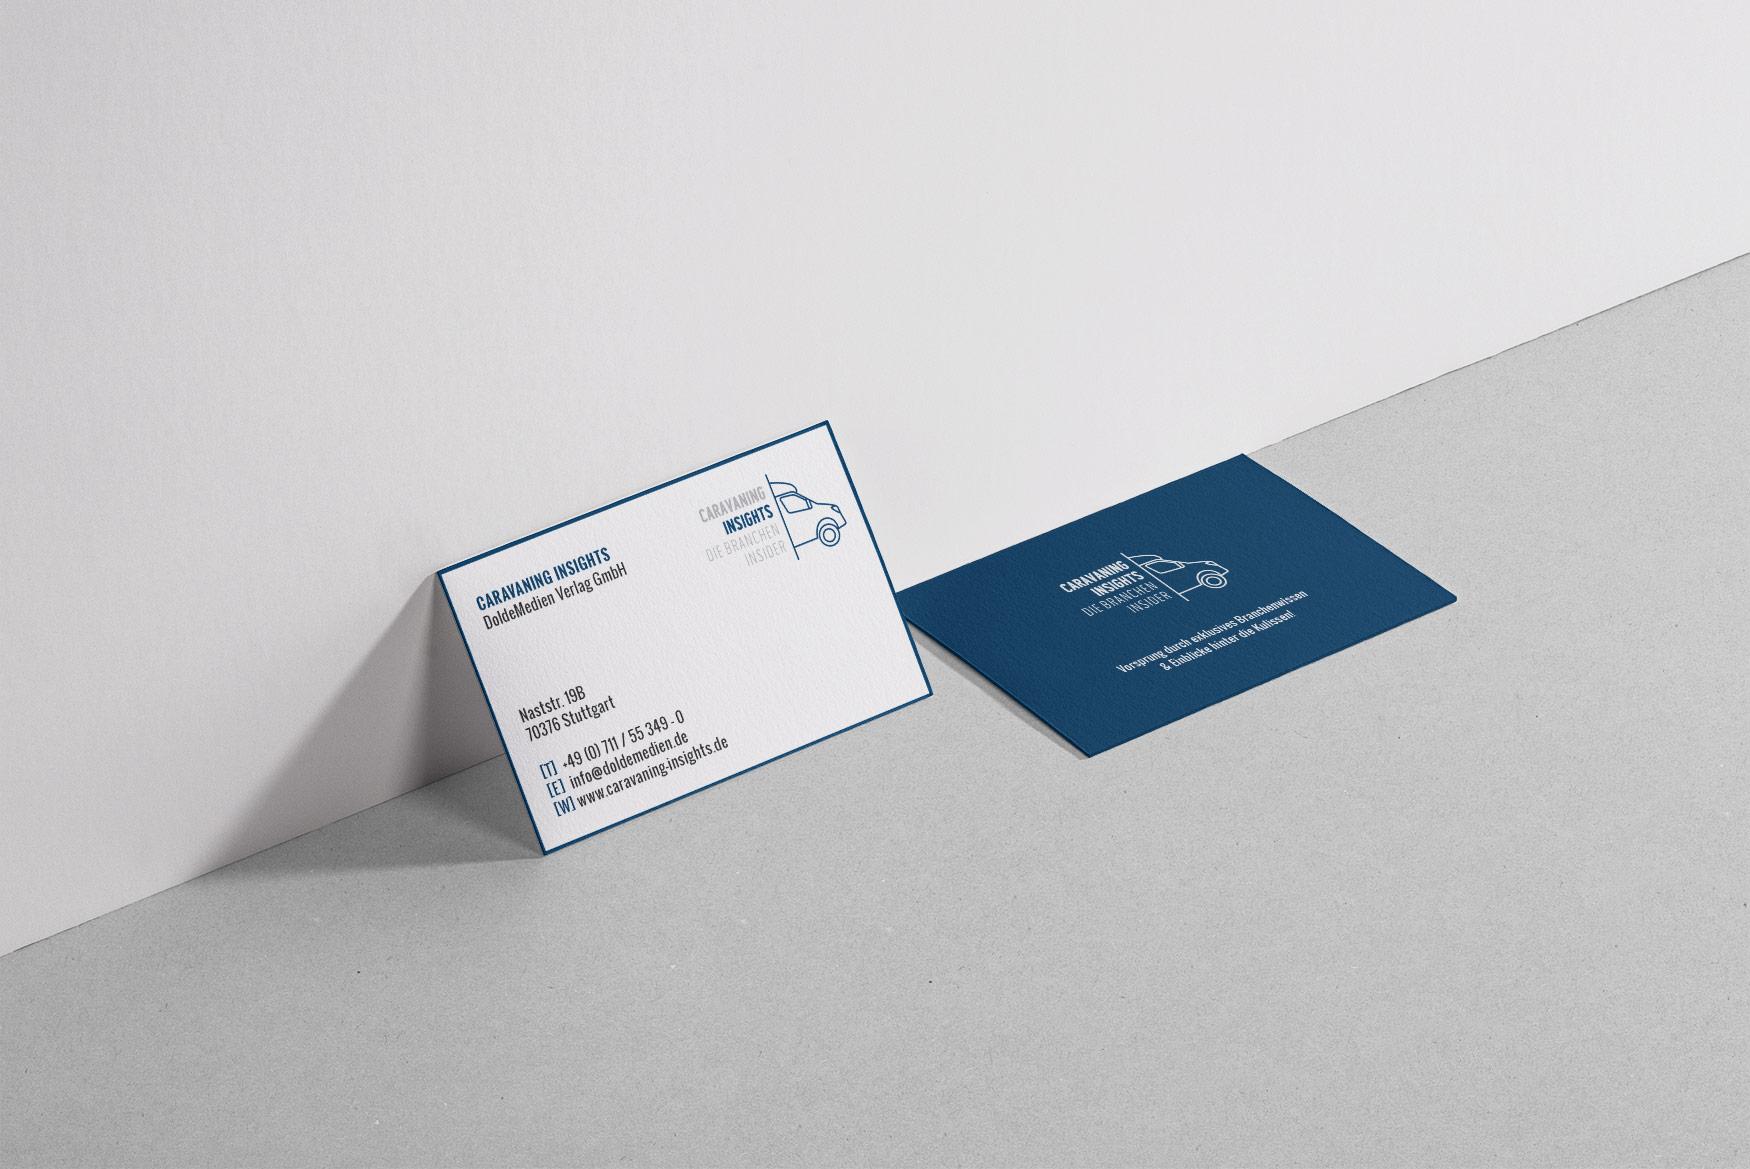 Designagentur-Stuttgart-Kreativbetrieb-DoldeMedien-Corporate-Design-11.jpg